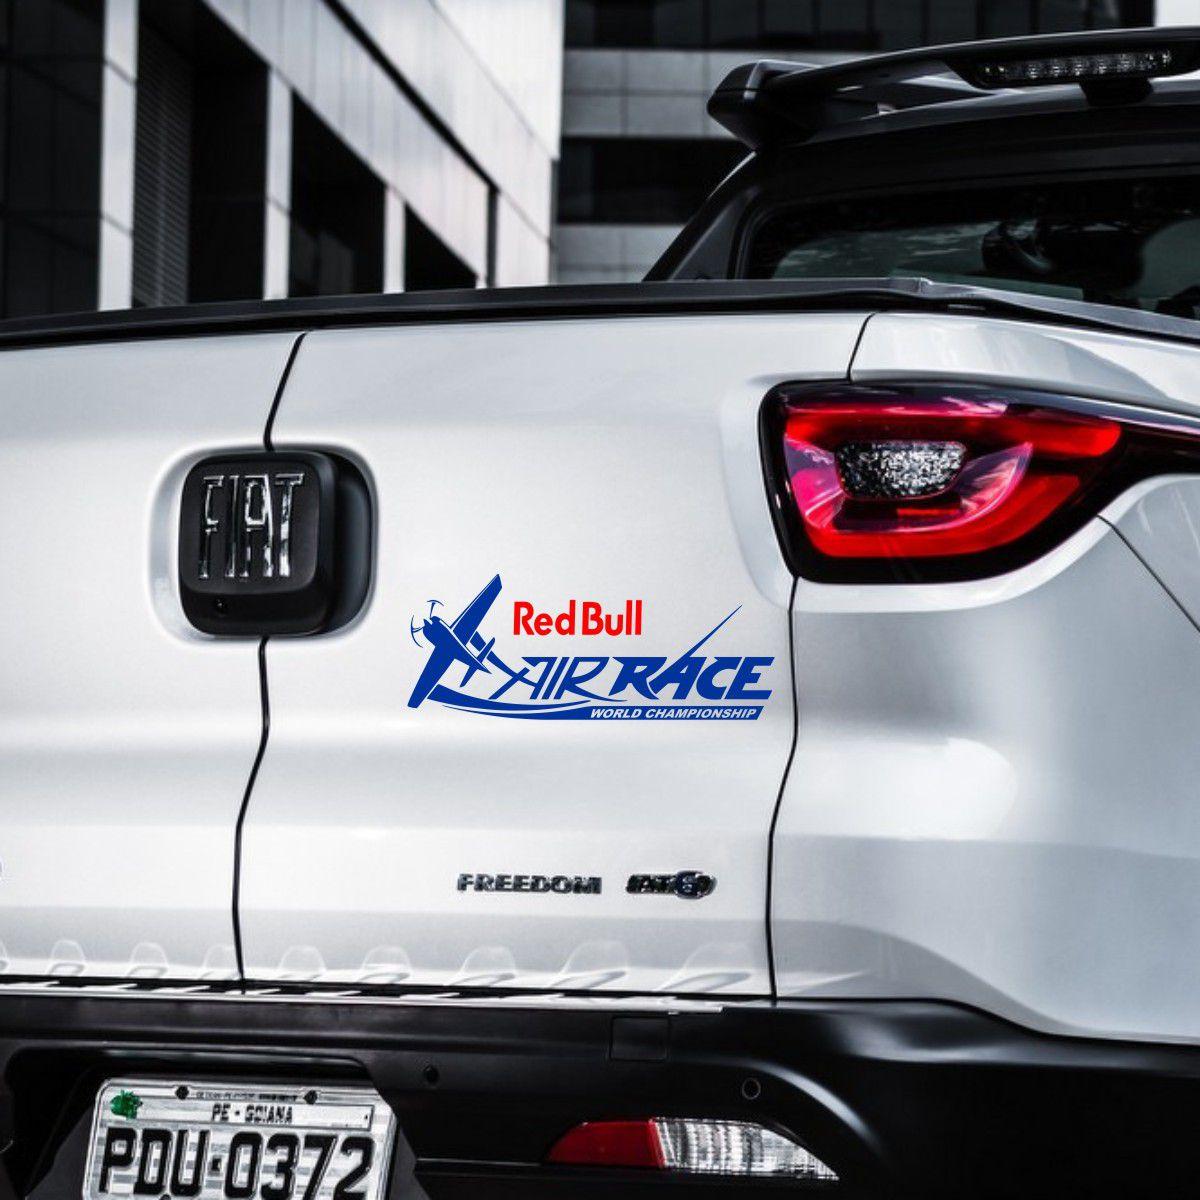 Adesivo Red Bull Air Race